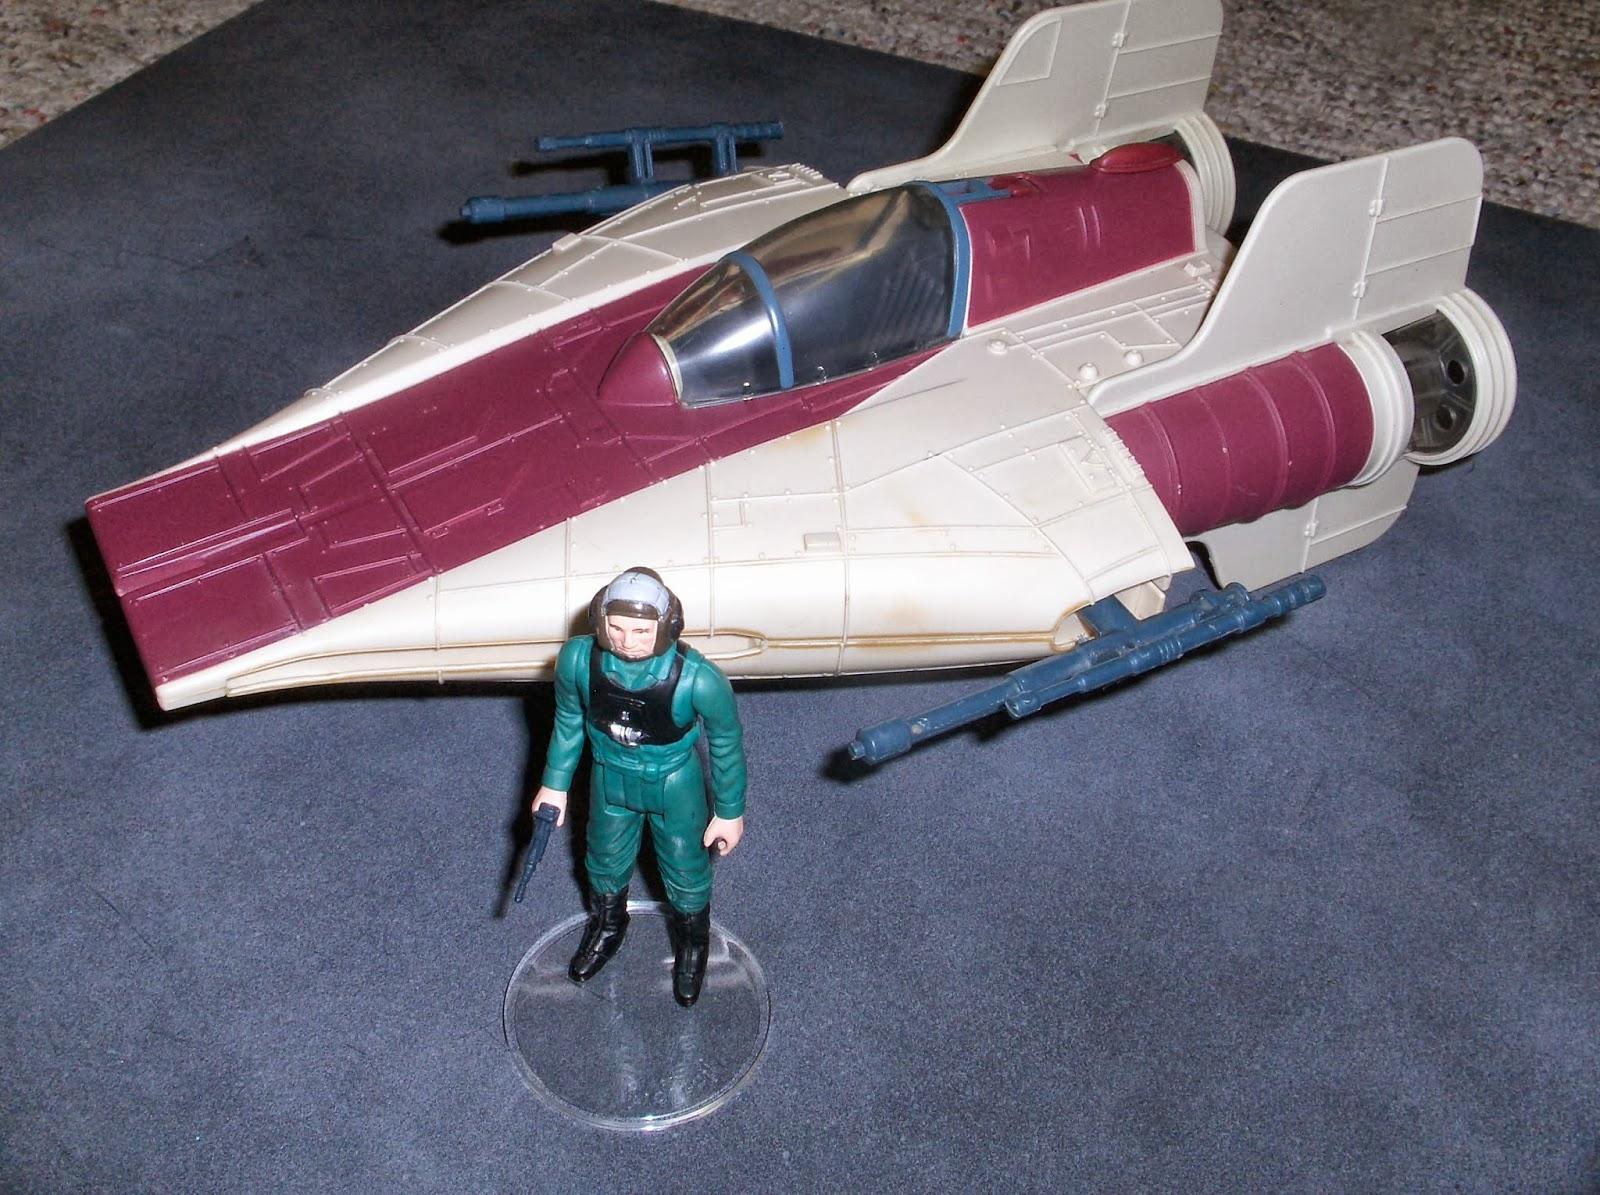 vintage kenner star wars toys droids a wing fighter landing gear repair restoration. Black Bedroom Furniture Sets. Home Design Ideas